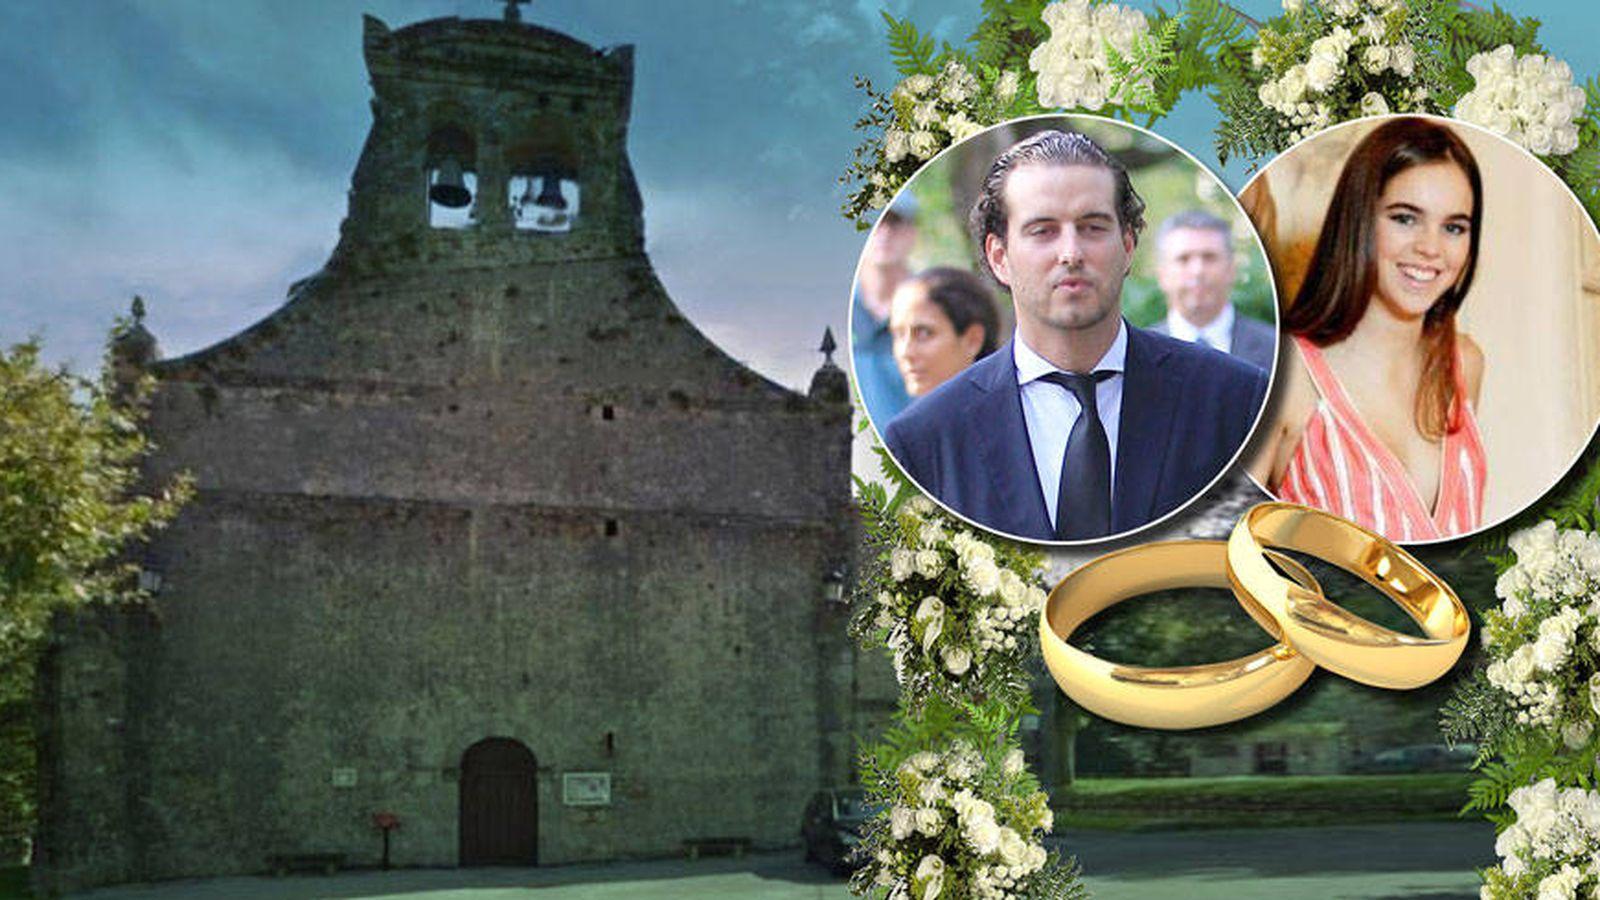 Foto: Boda en Carriazo en un fotomontaje para Vanitatis